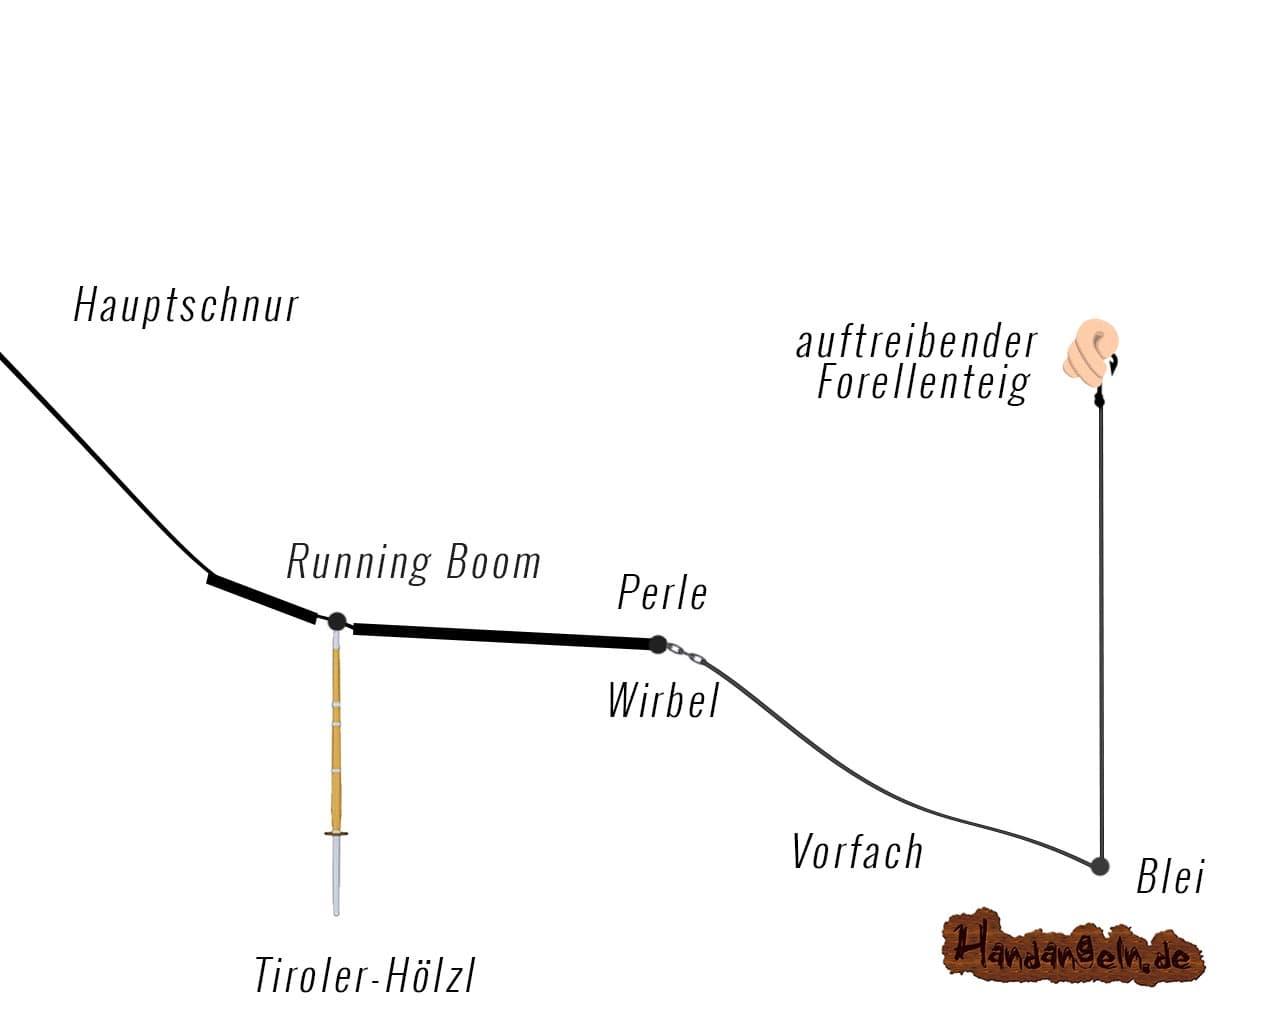 Auftreibende Montage Pose Grundmontage mit Tiroler Hölzl